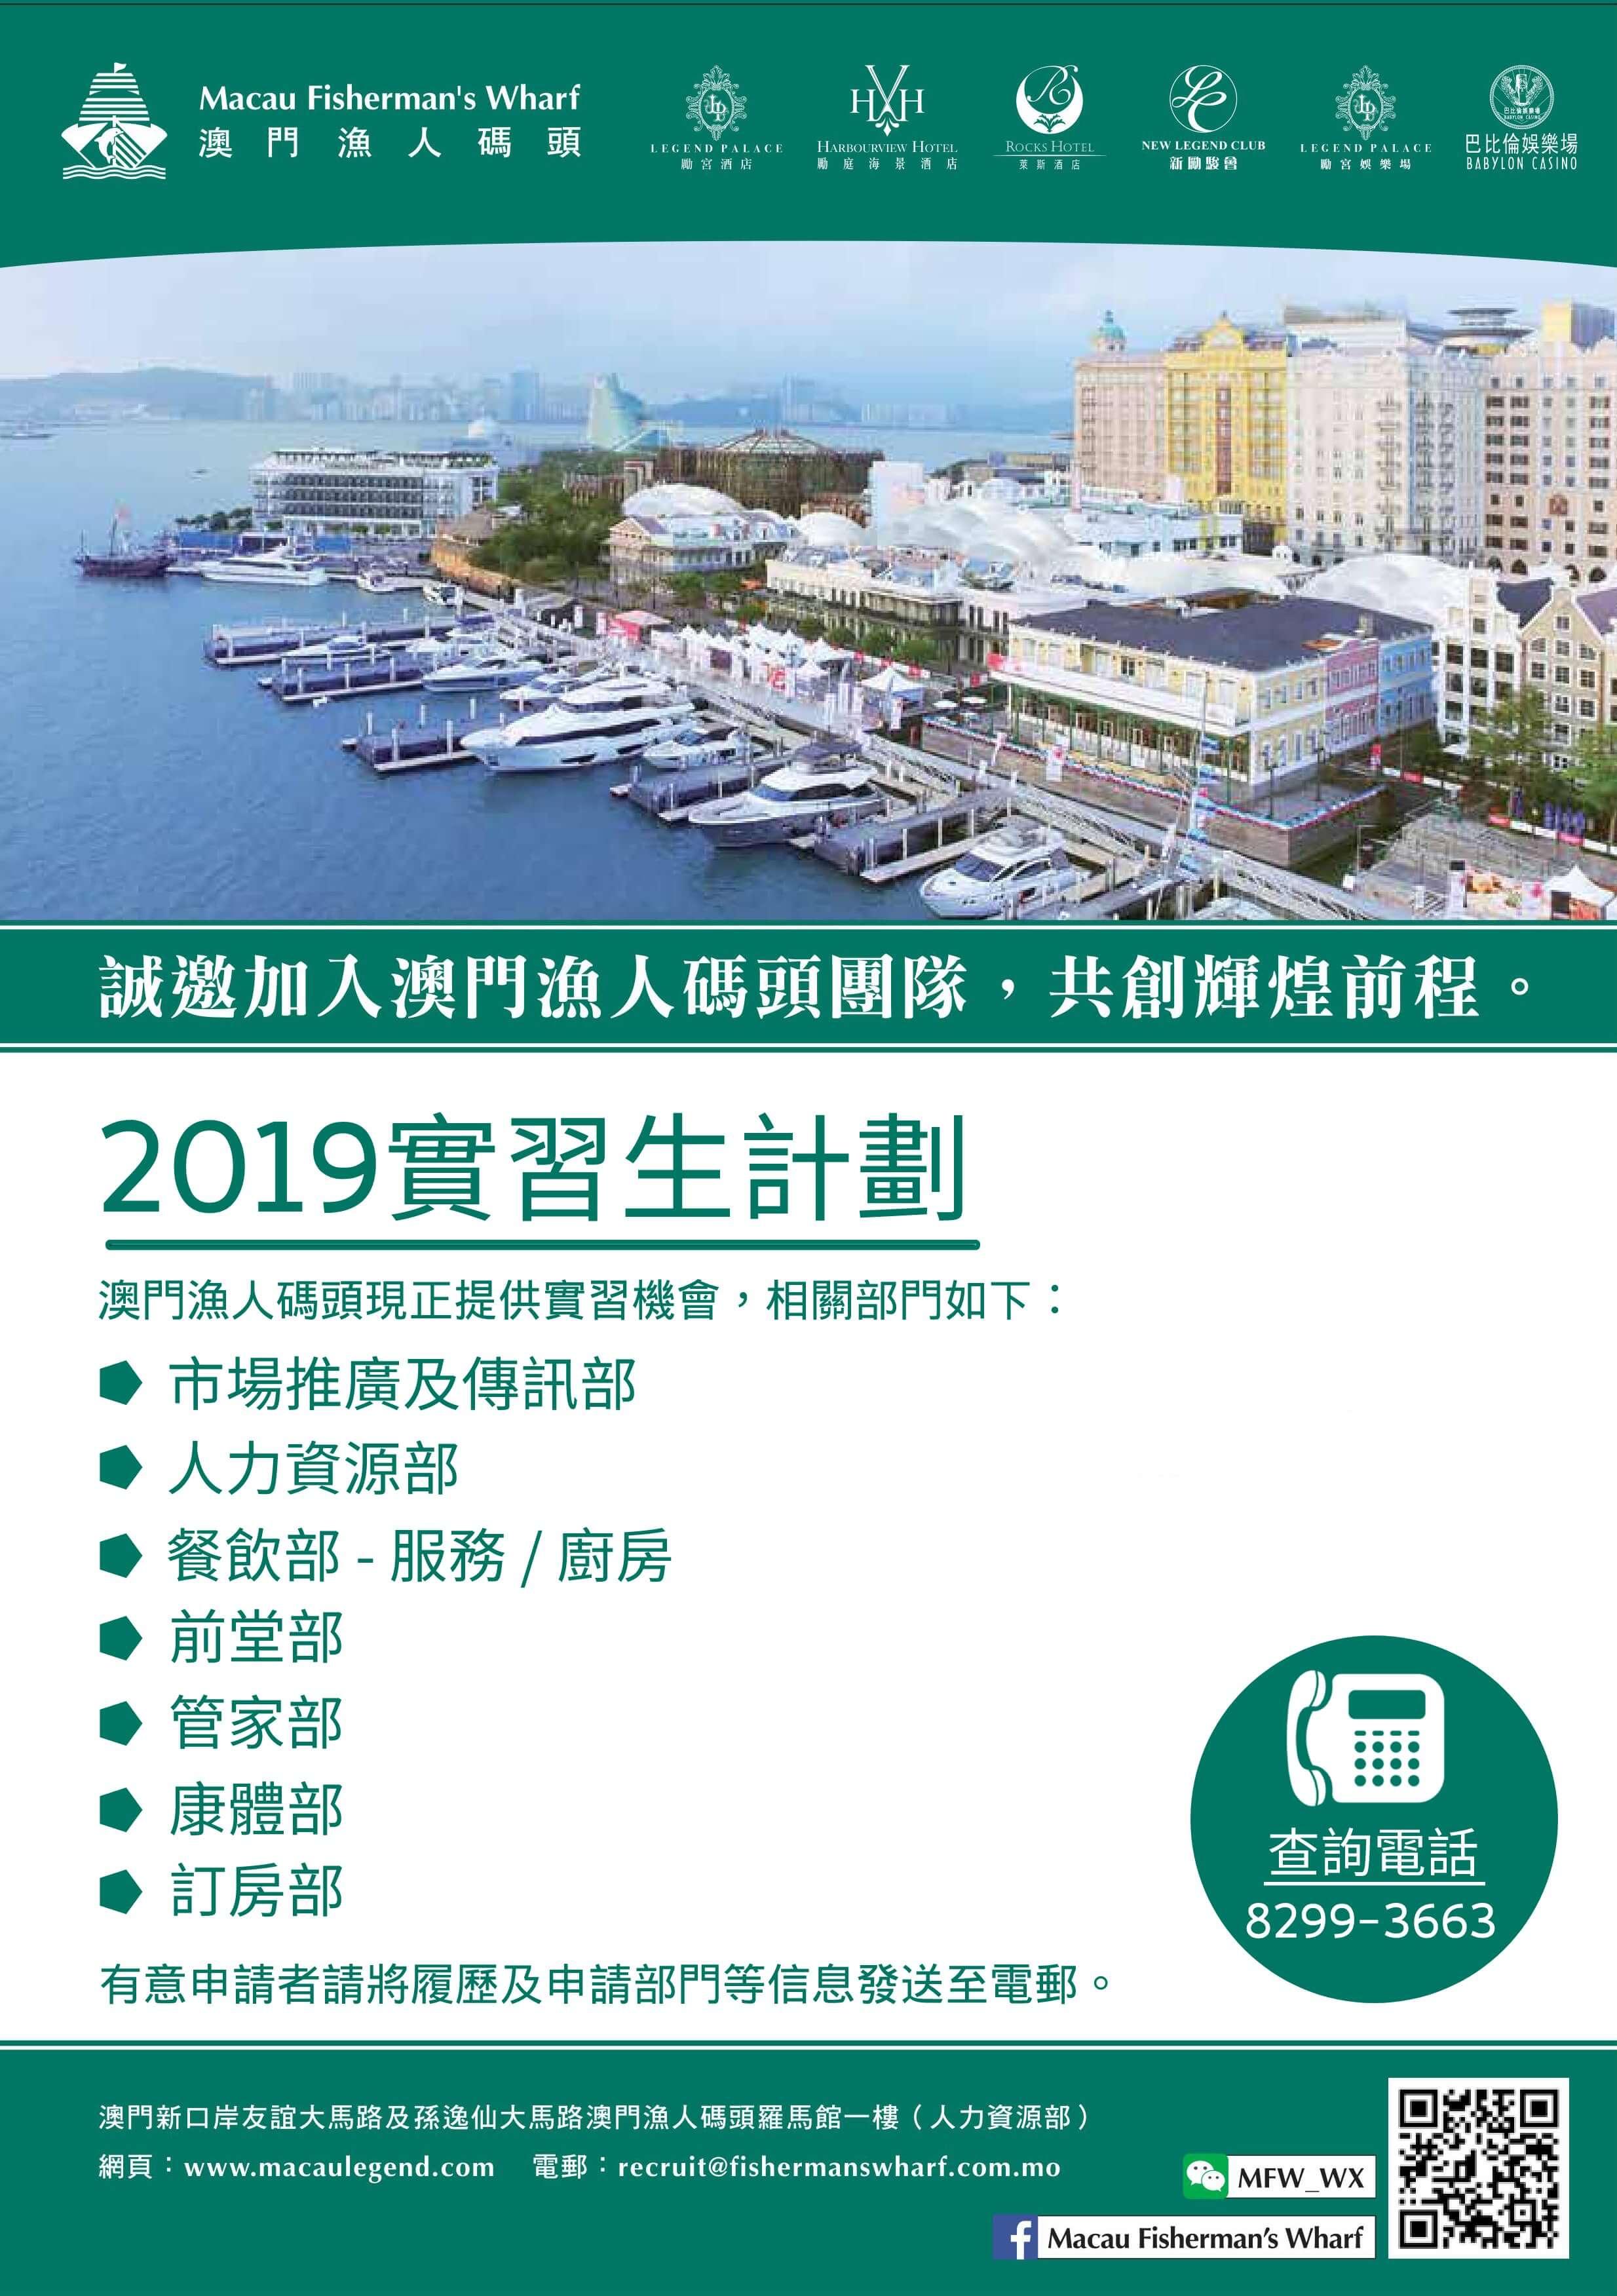 2019 Internship Program.jpg